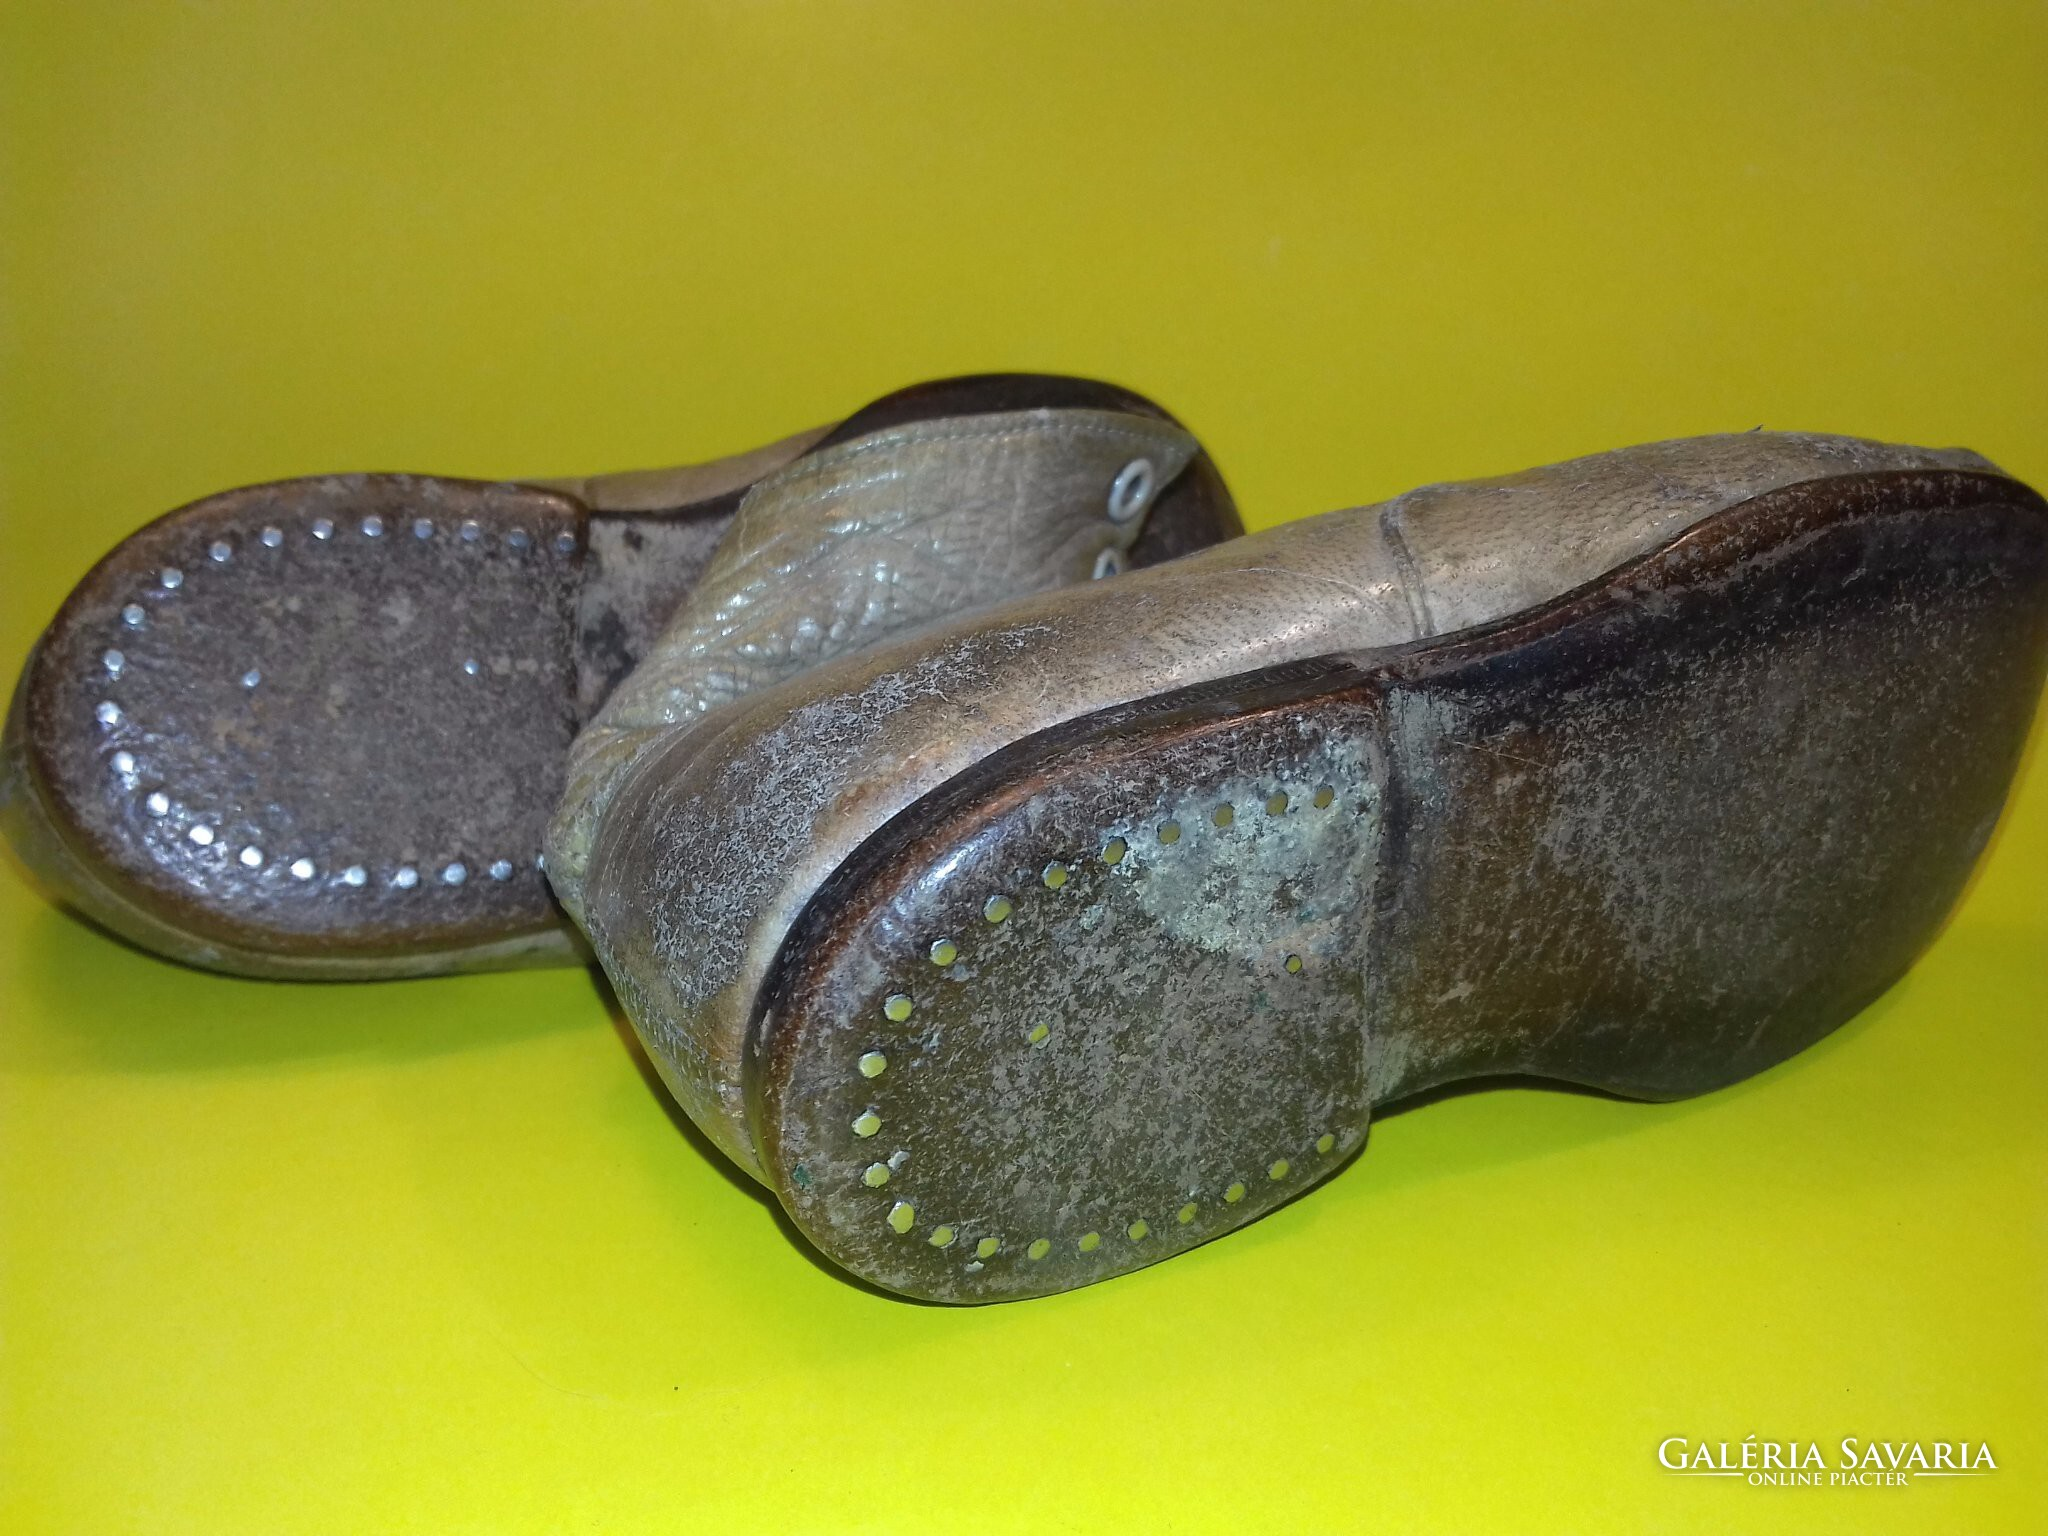 Antik kis cipő 1 pár + fél pár ajándék Gardrób | Galéria